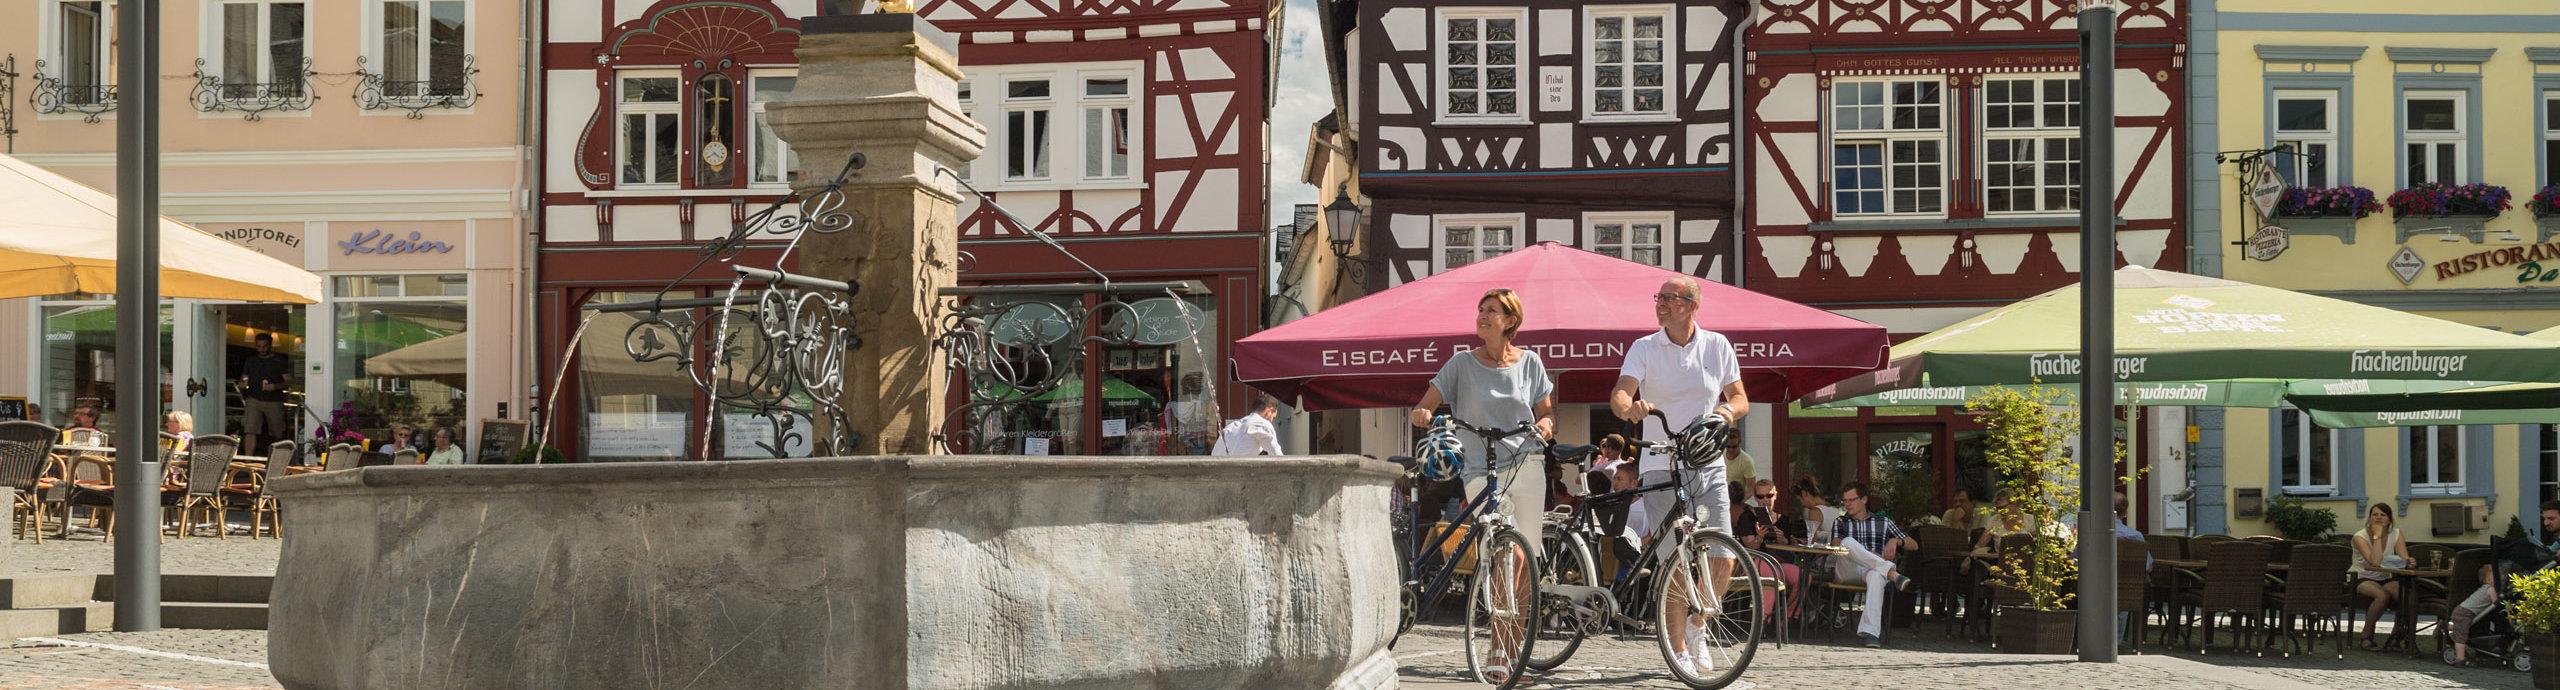 Brunnen mit goldenem Löwen auf dem Marktplatz von Hachenburg, Westerwald